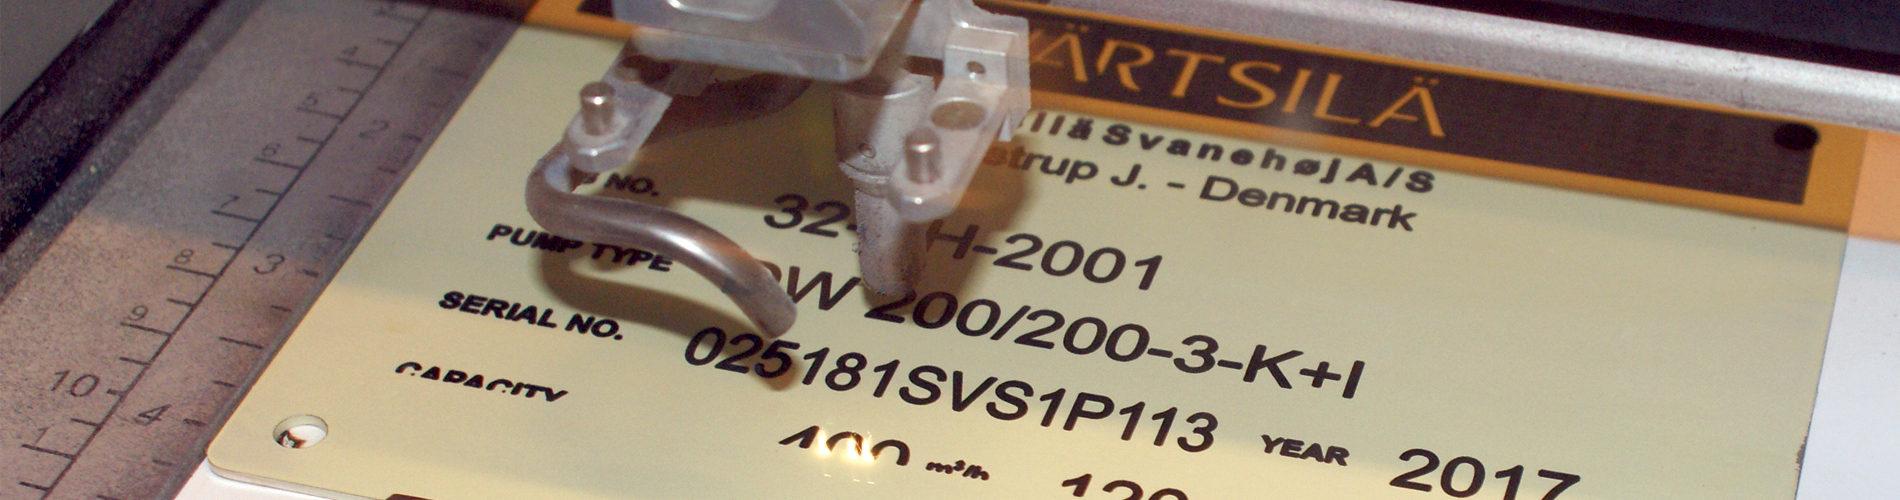 AM-gravering-top-gravering-laser